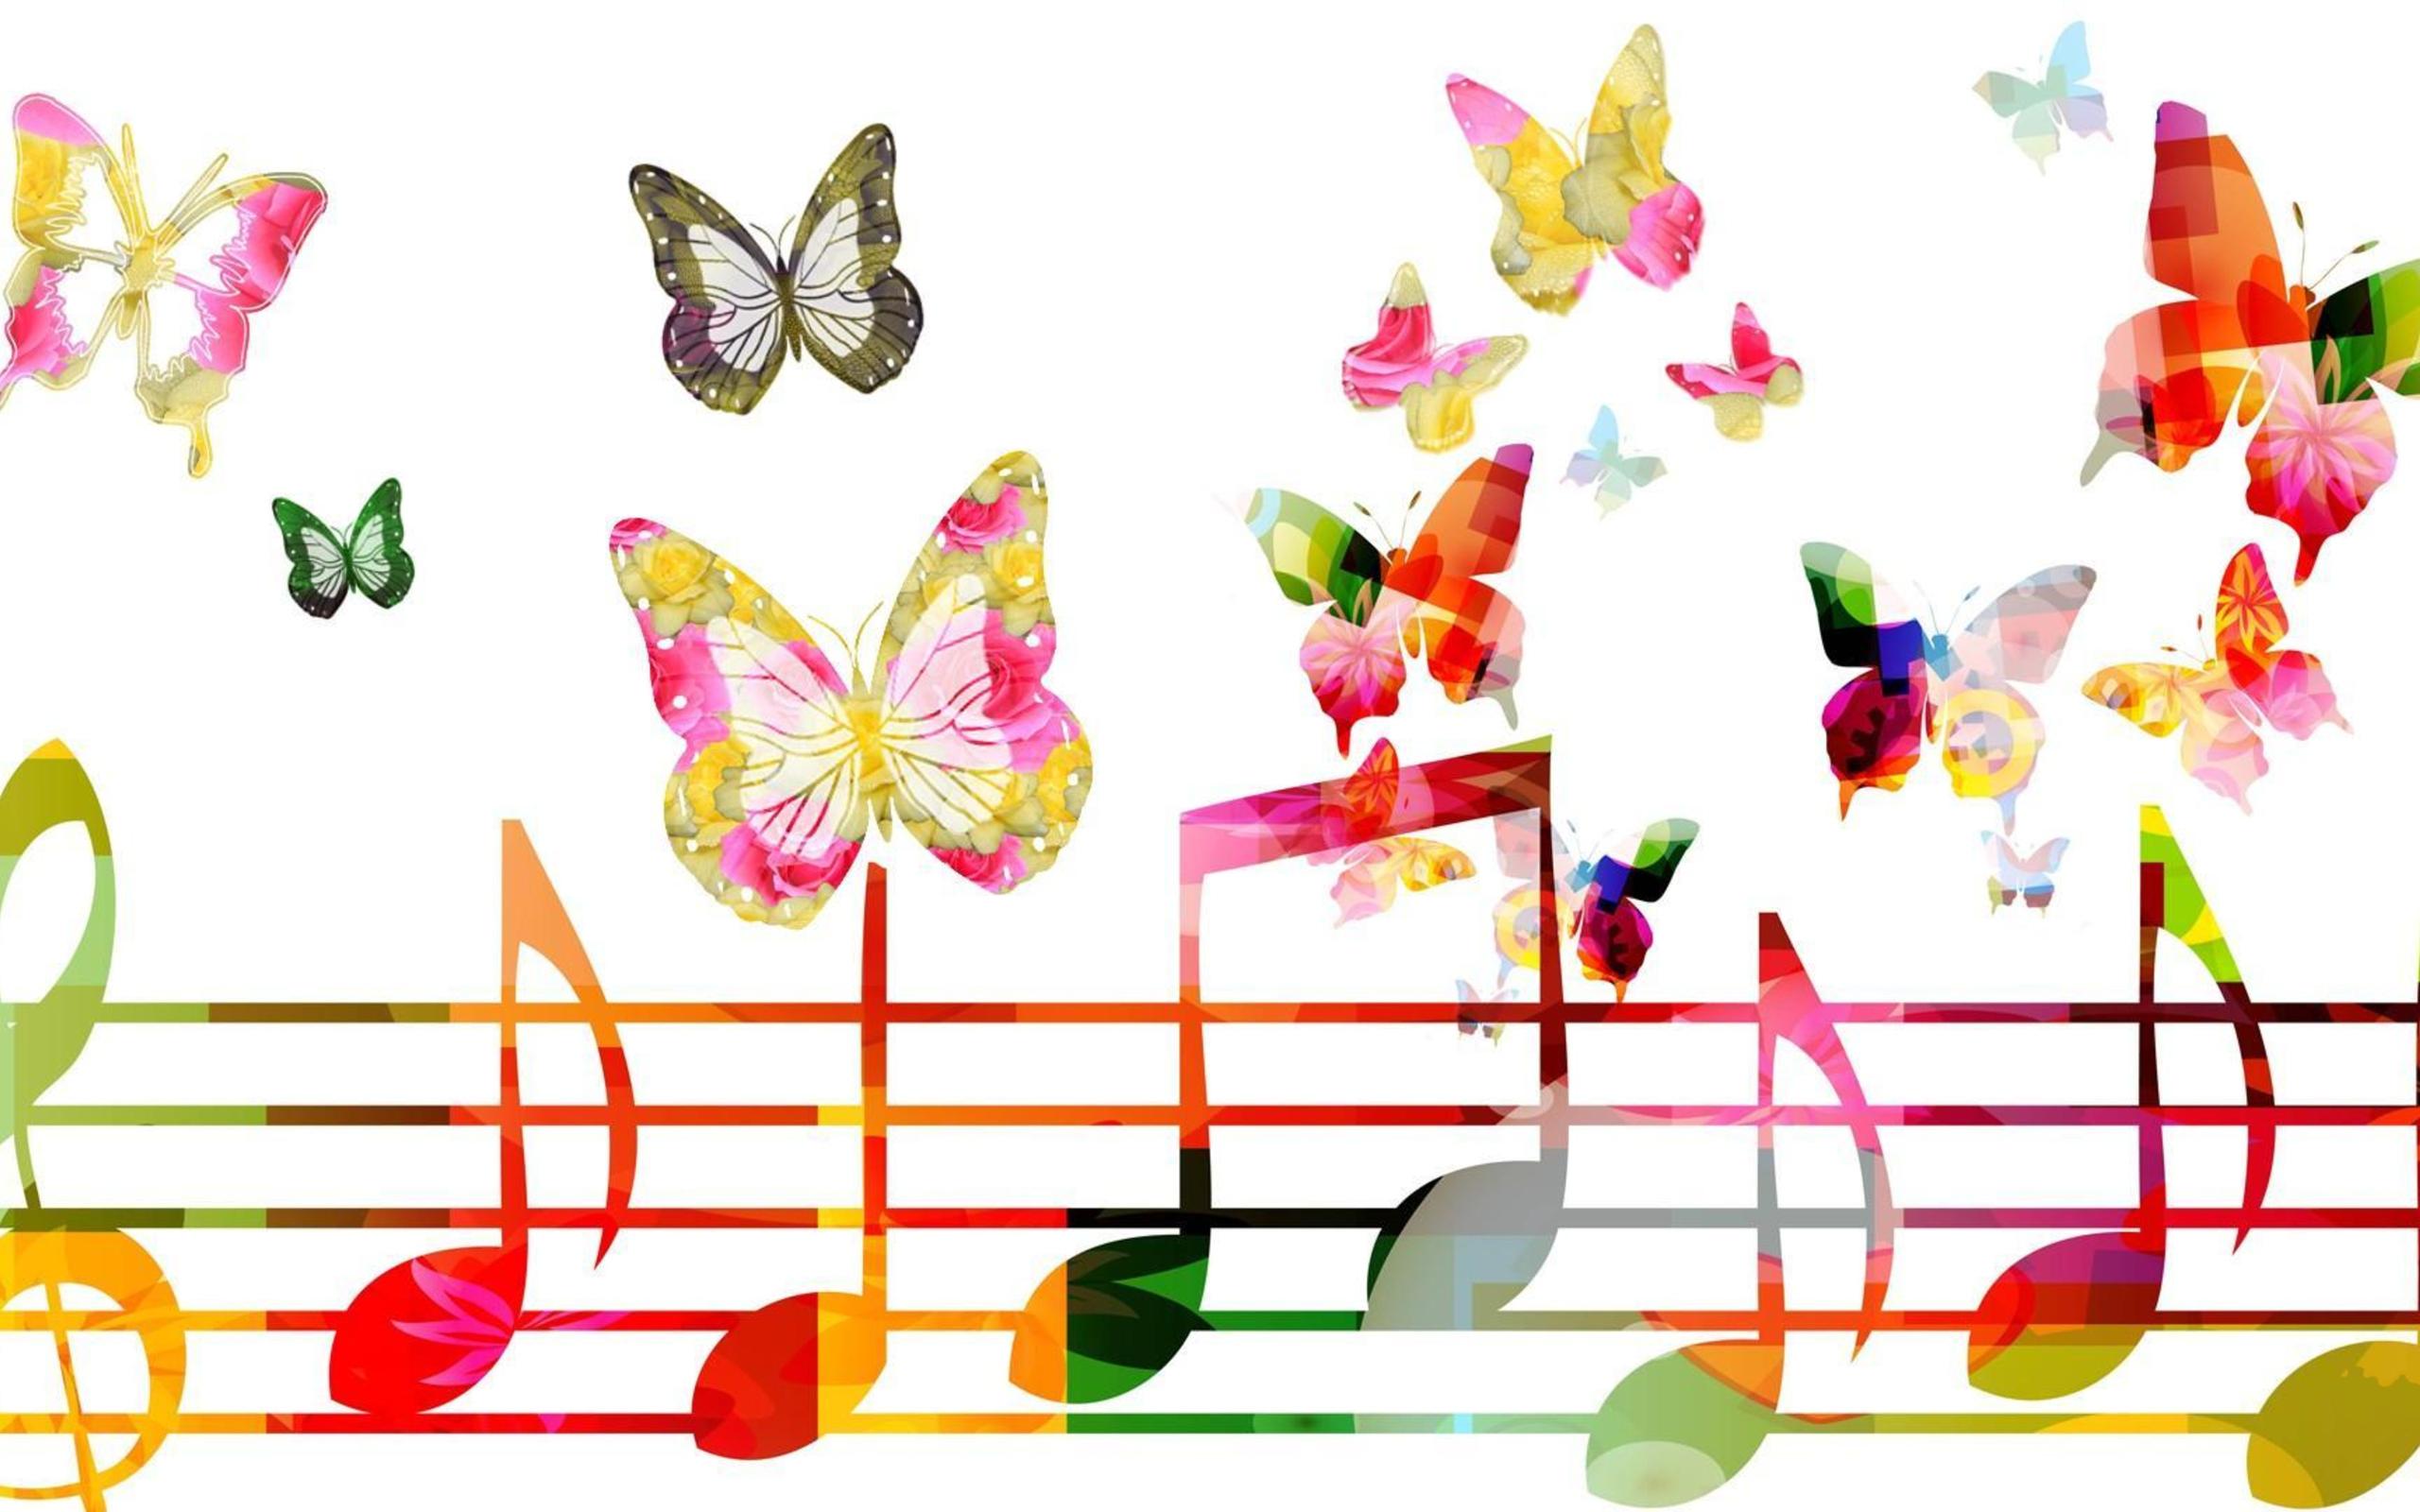 Müzik - Sanatsal Soyut Müzik Kelebek Renkler Colorful Musical Note  Duvarkağıdı - PNG HD Music Notes